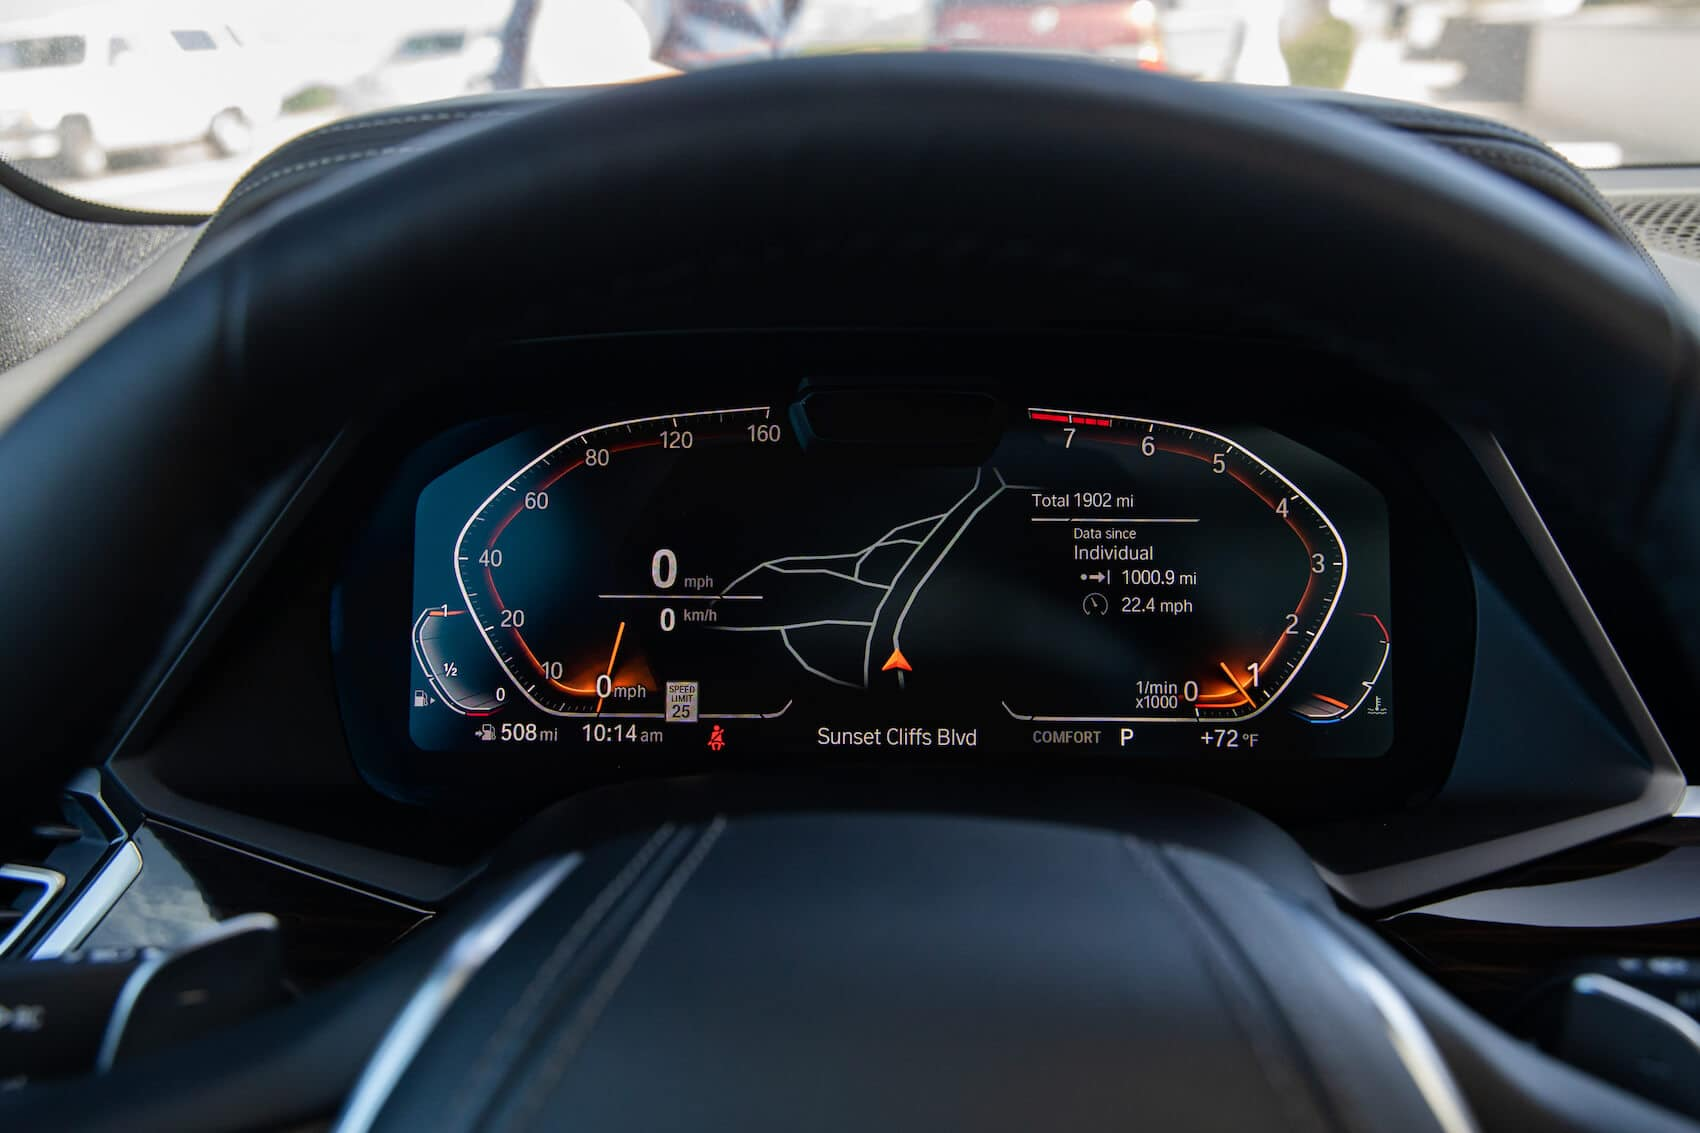 2020 BMW X5 digital dashboard Pensacola, FL